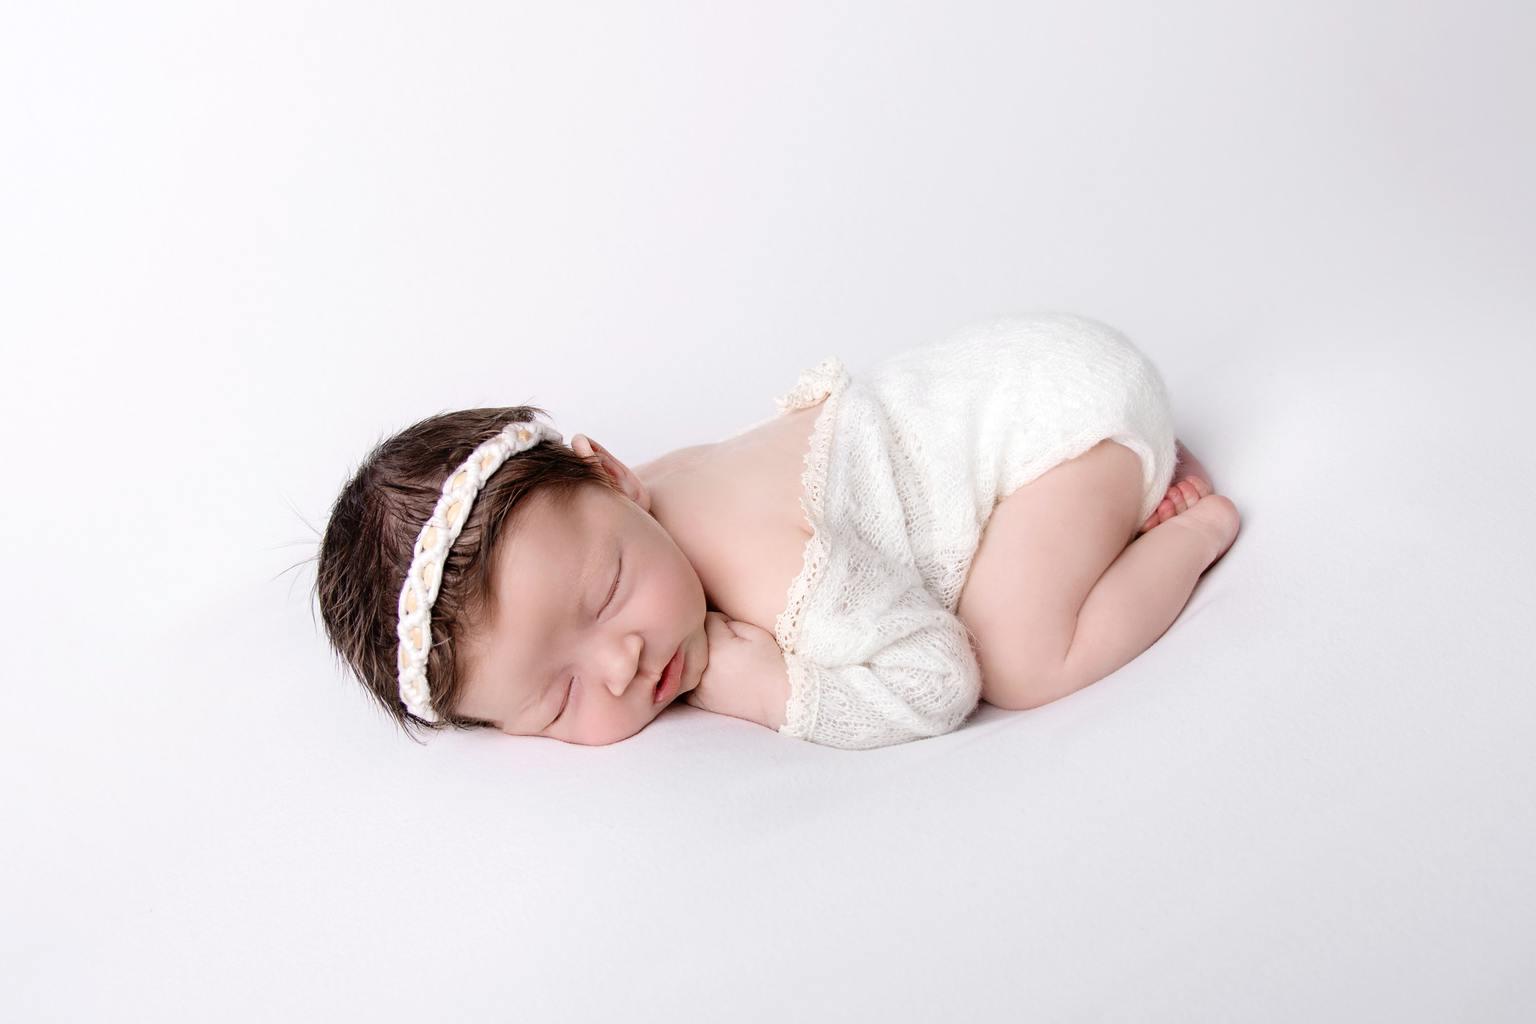 bebé newborn blanco